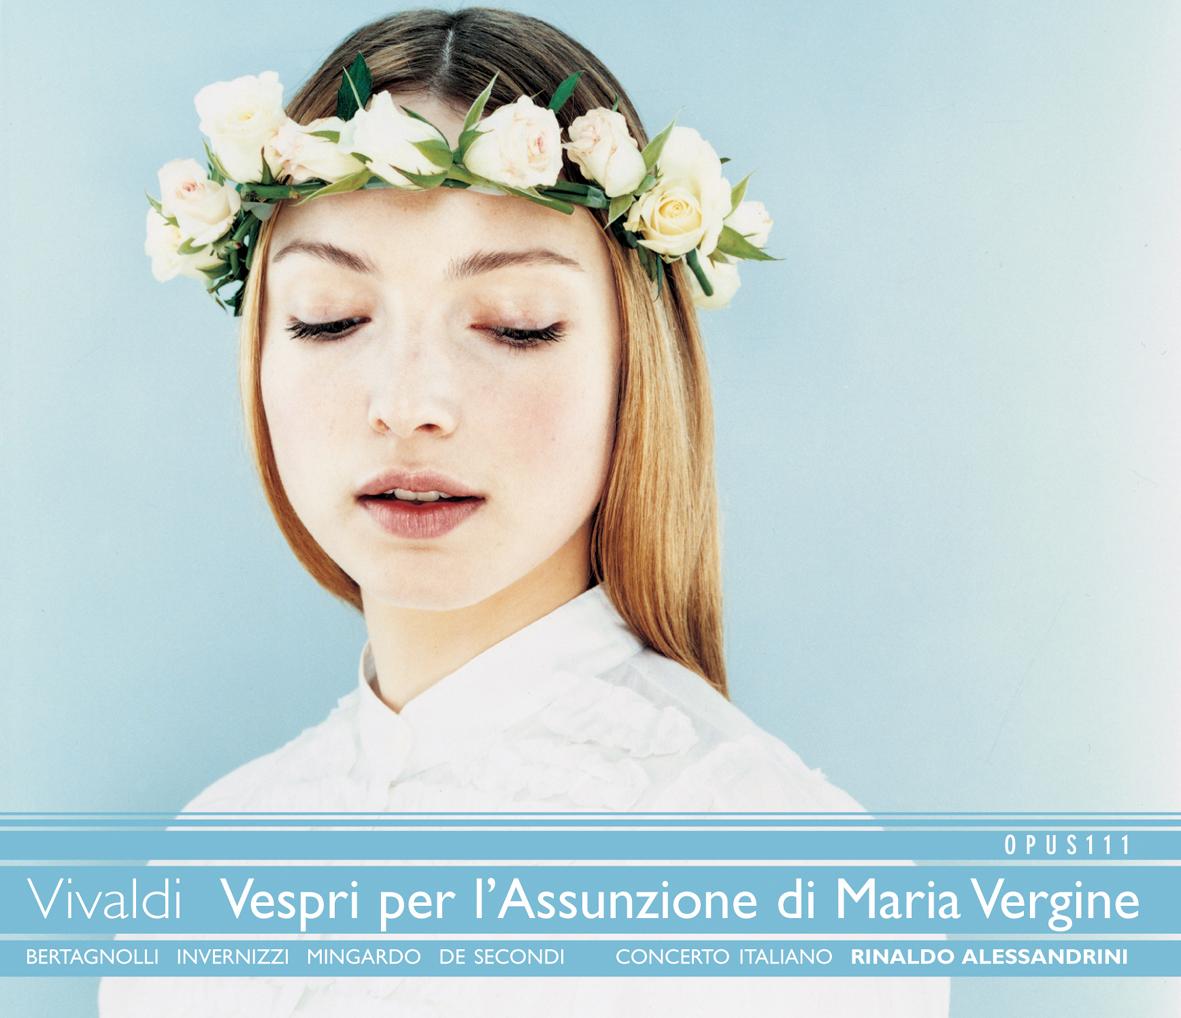 OP30383 Vivaldi_Vespri.jpg